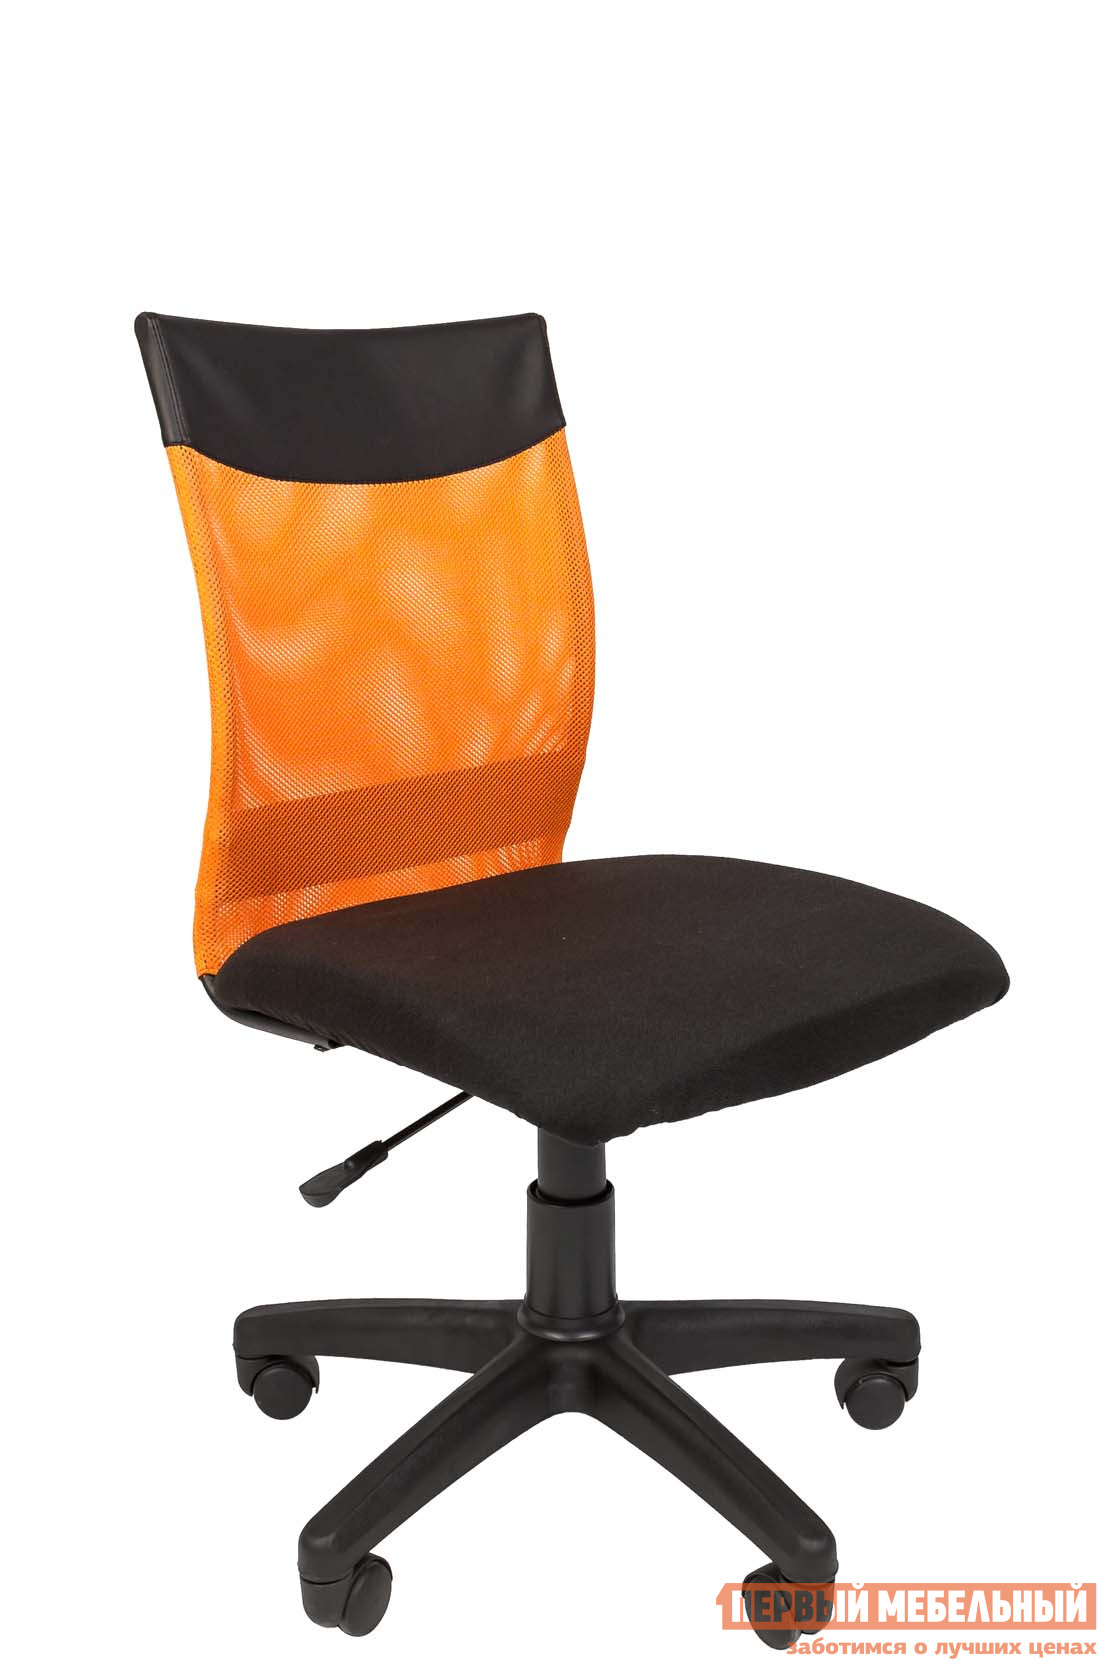 Офисное кресло  РК 69 Черный / Сетка оранжевая